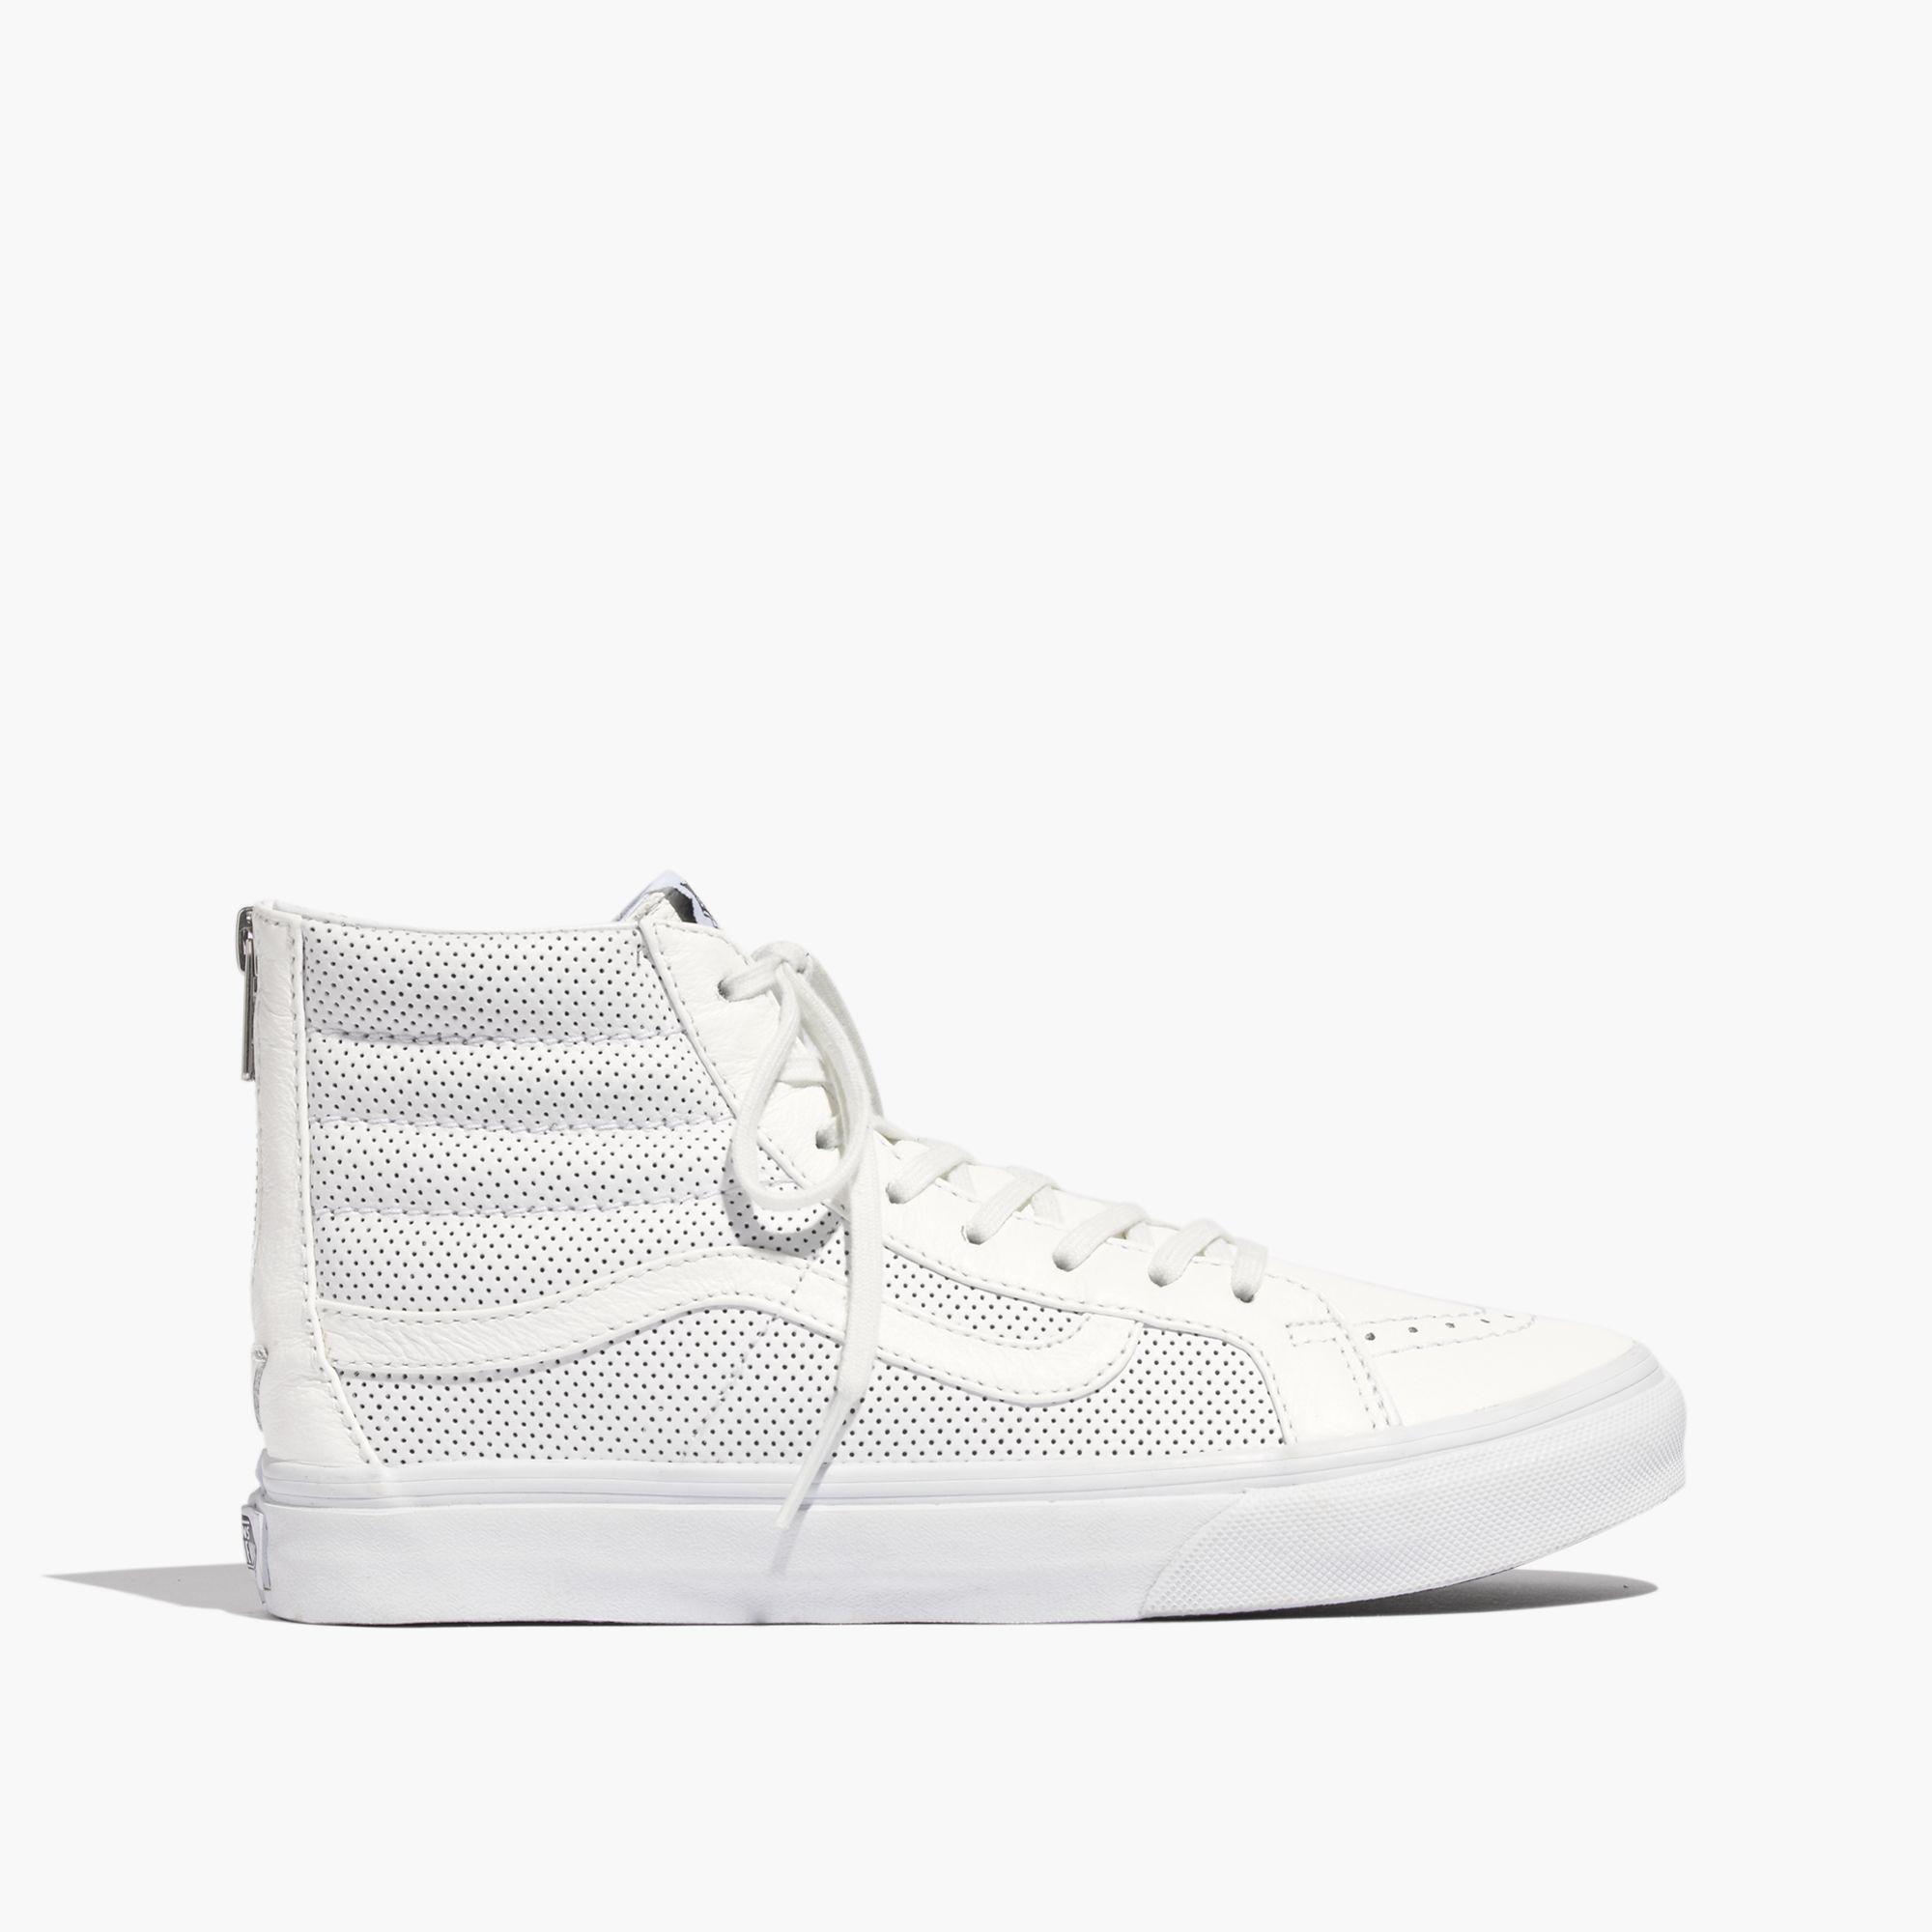 9b93571a0aadc0 Madewell Vans® Sk8-Hi Slim Zip High-Top Sneakers In Perforated ...